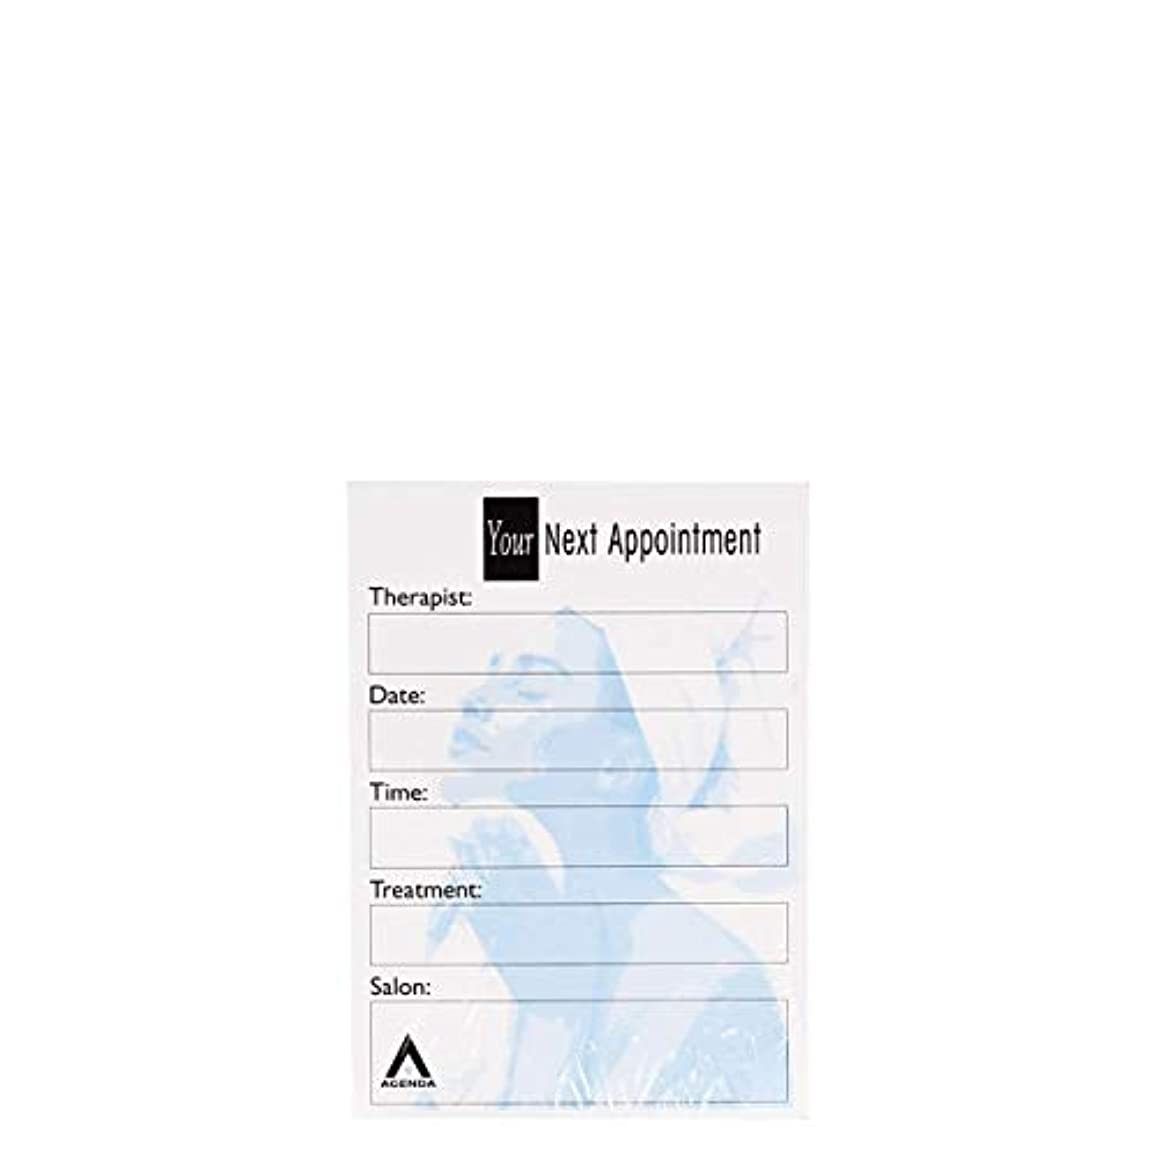 プランテーションコールオッズアジェンダ サロンコンセプト ネイルアポイントメントカードAP7B x100[海外直送品] [並行輸入品]